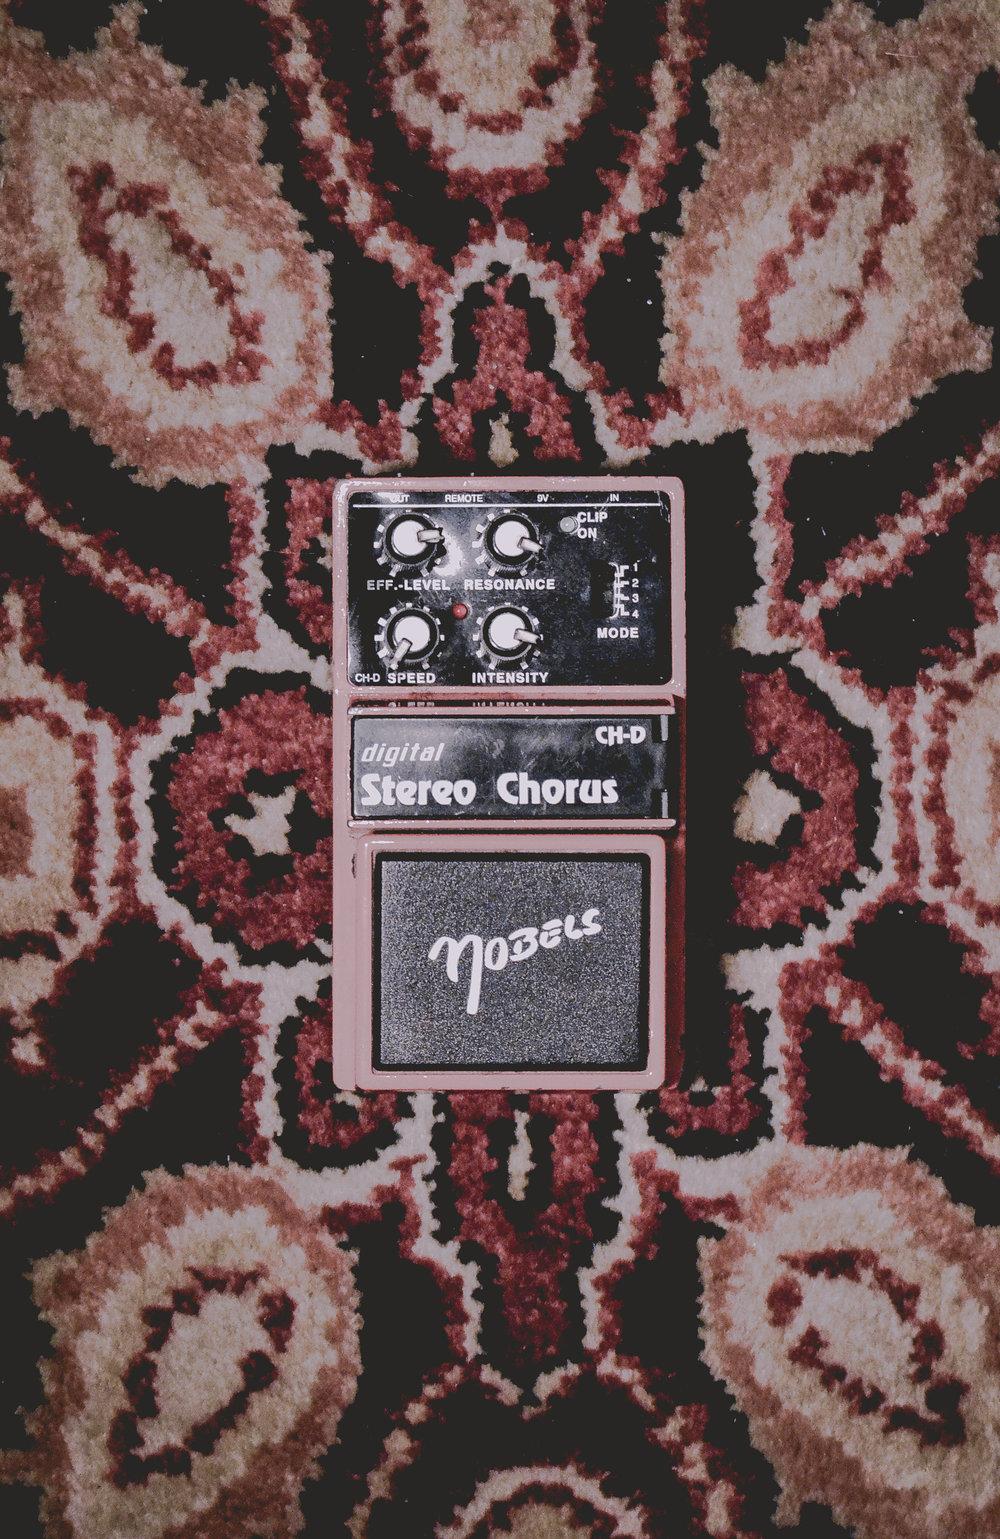 Nobel CH-D Chorus